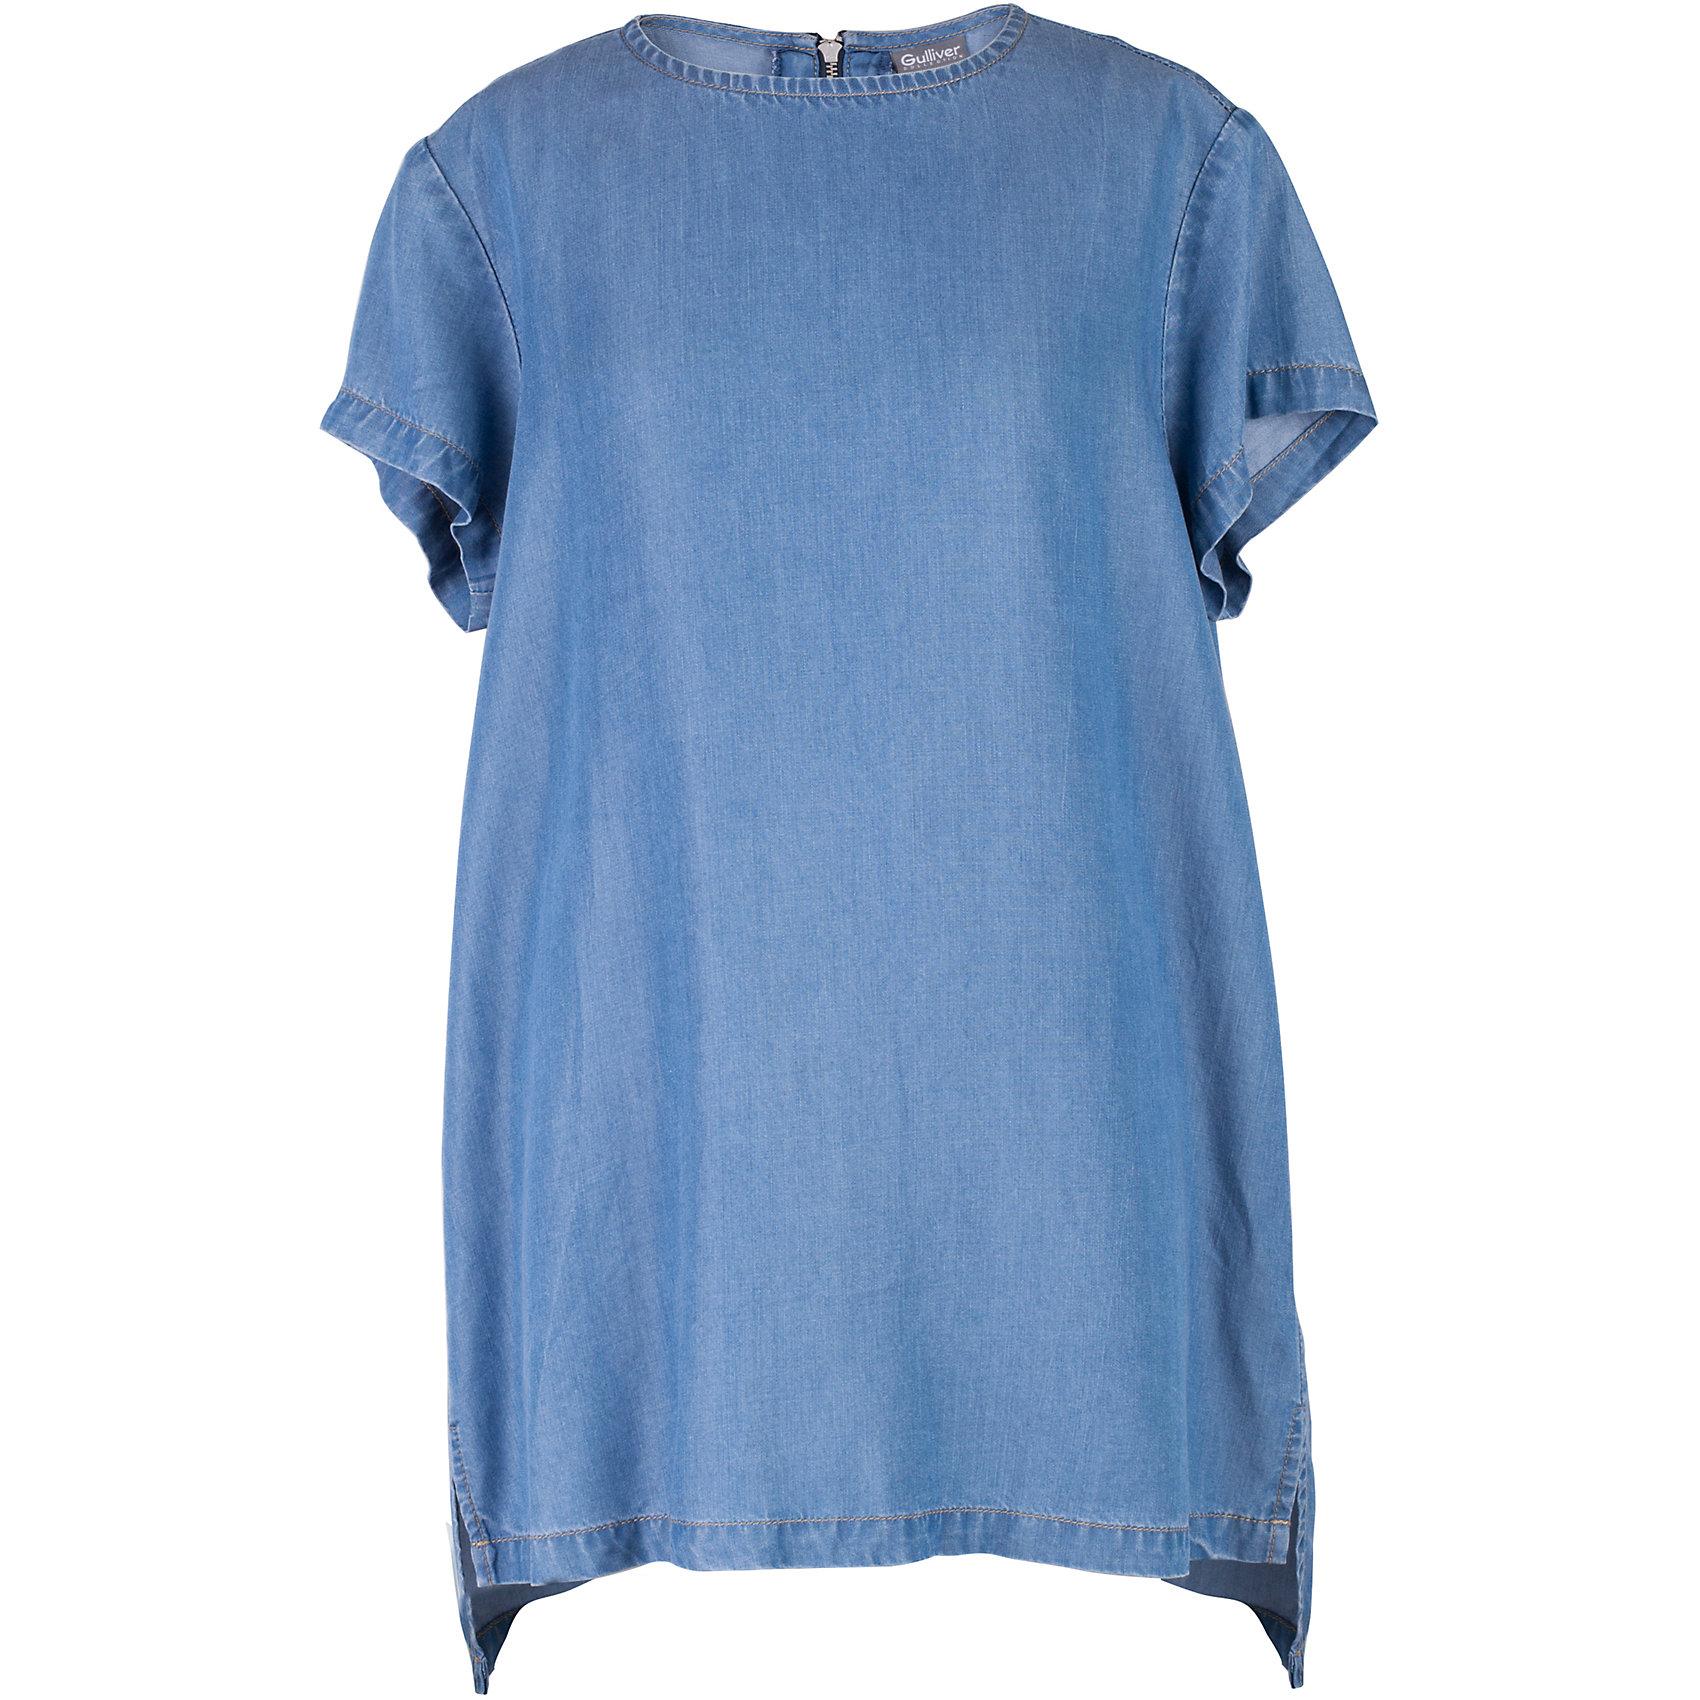 Блузка для девочки GulliverБлузки и рубашки<br>C наступлением долгожданных каникул пора на время забыть о строгих белых блузках с длинным рукавом и создать модный летний гардероб, соответствующий настроению. Мягкая, легкая, комфортная блузка из тонкой джинсы - лучшая компания  для городских прогулок и отдыха у воды! Стильный лаконичный дизайн и актуальные пропорции модели понравятся девочке, идущей в ногу со временем. Если вы решили освежить летний гардероб ребенка, дополнив его новыми, необычными и оригинальными вещами, вам стоит купить блузку для девочки из коллекции Коста-Рика. Она подарит новизну, свежесть, уверенность в себе.<br>Состав:<br>100% лиоцелл<br><br>Ширина мм: 186<br>Глубина мм: 87<br>Высота мм: 198<br>Вес г: 197<br>Цвет: синий<br>Возраст от месяцев: 156<br>Возраст до месяцев: 168<br>Пол: Женский<br>Возраст: Детский<br>Размер: 164,146,152,158<br>SKU: 5483120